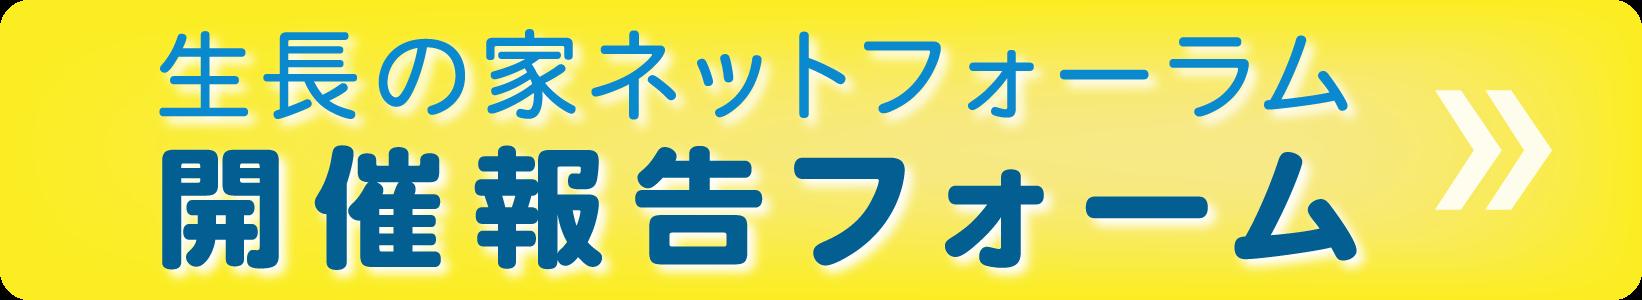 生長の家ネットフォーラム 開催報告フォーム